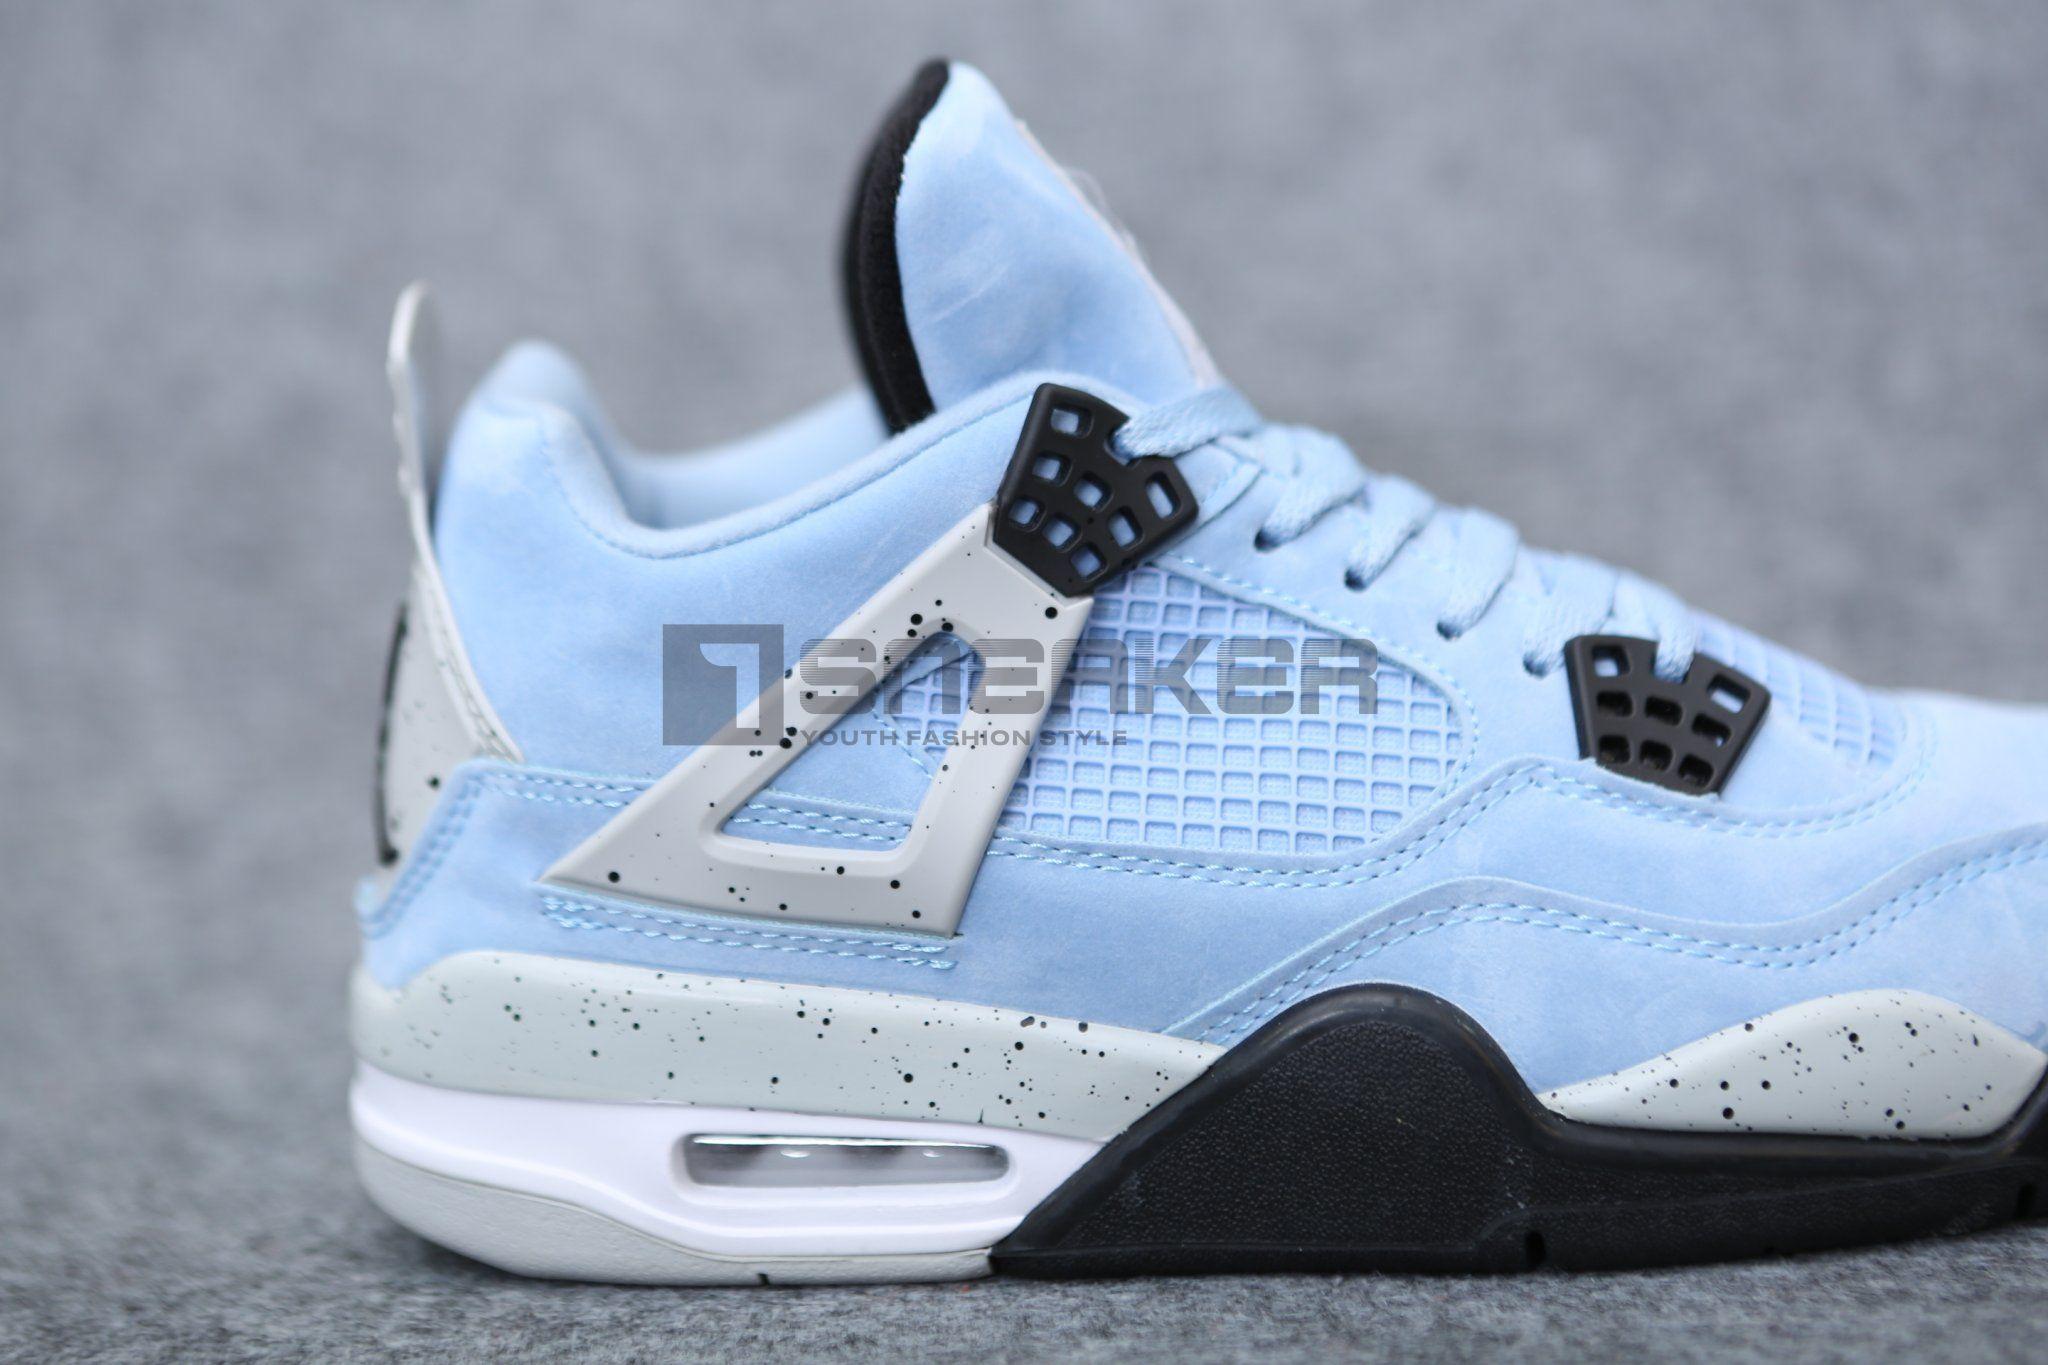 Giày Jordan 4 University Blue sử dụng lưới